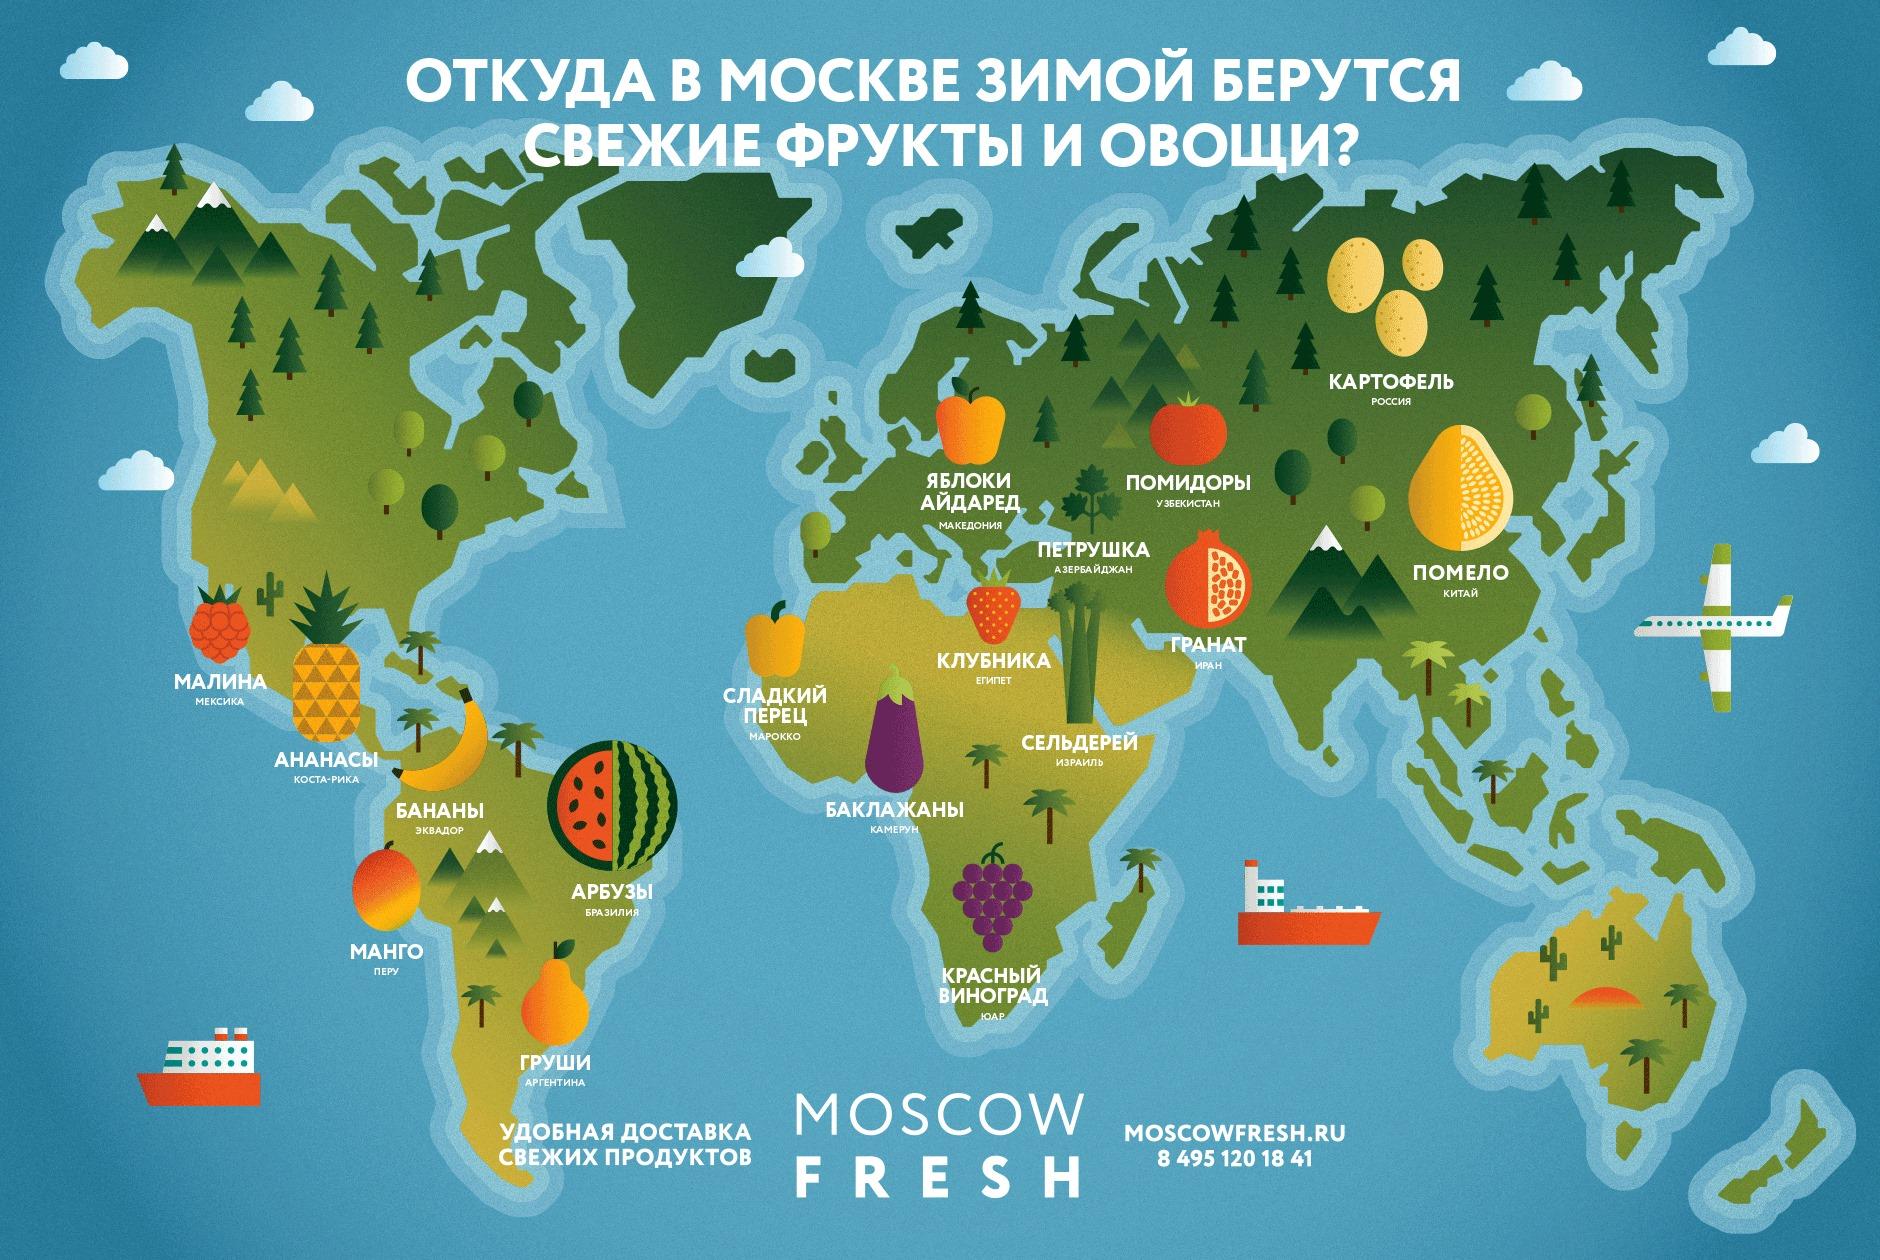 Доставка продуктов MOSCOWFRESH - отзыв